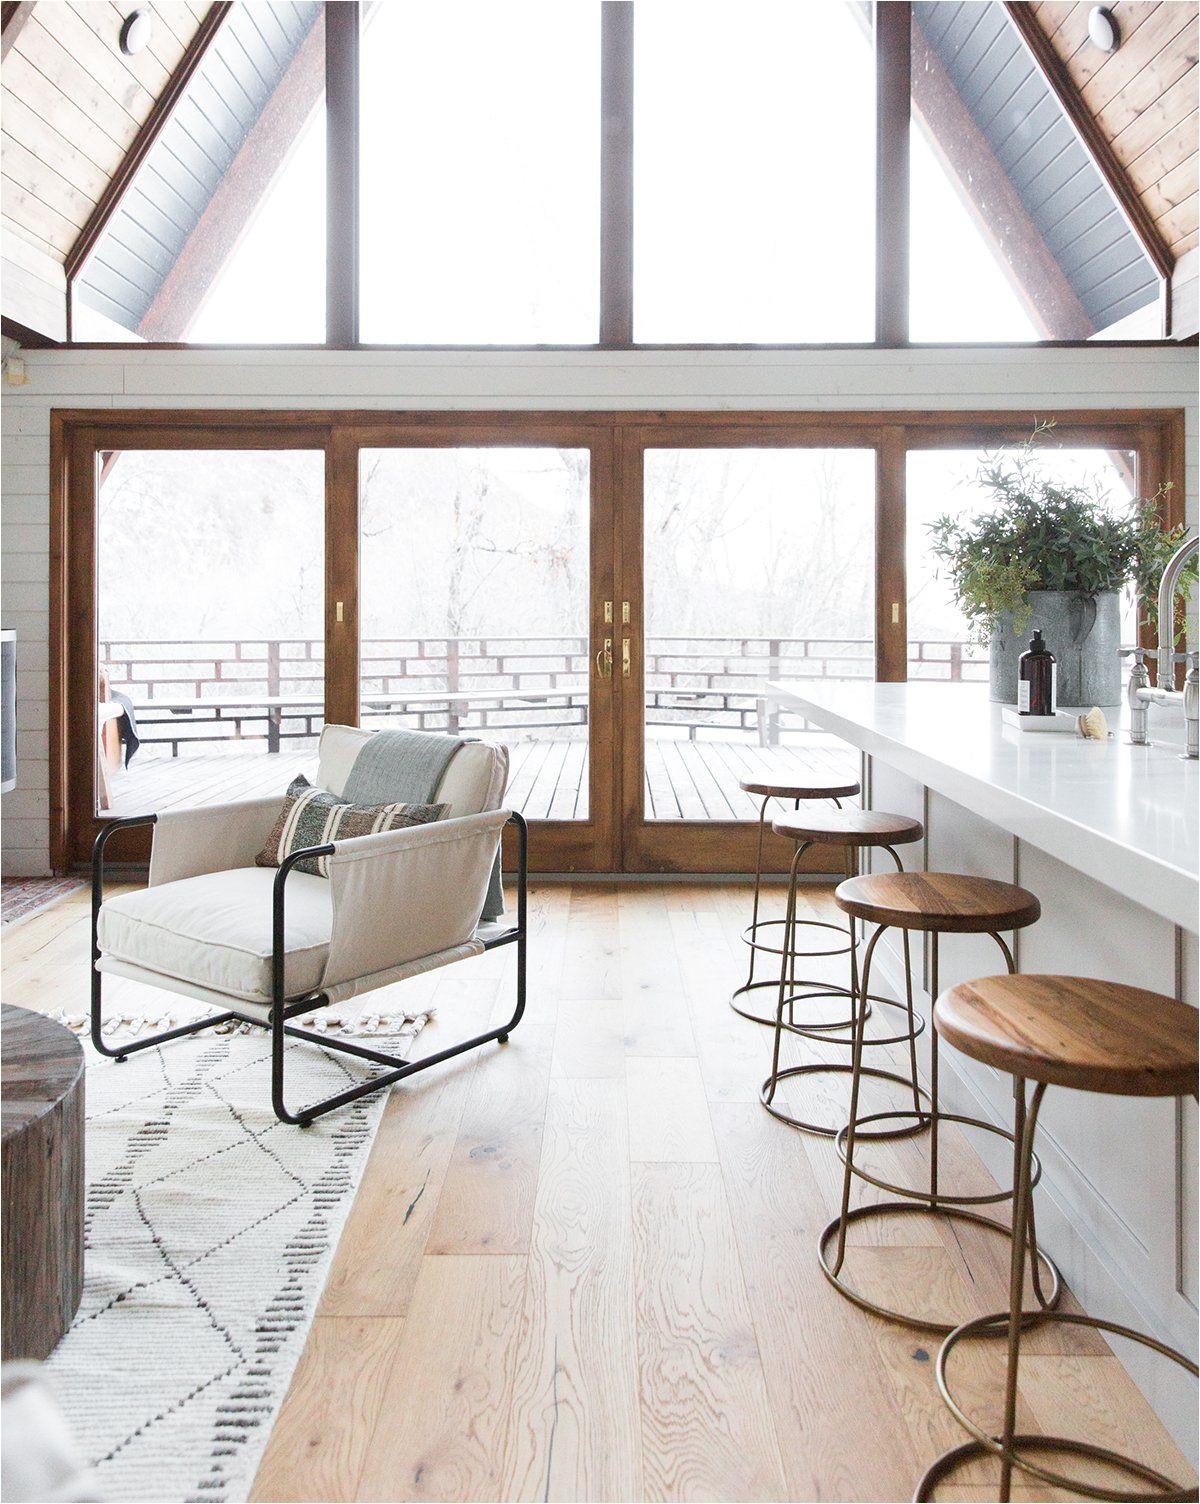 dylan chair disea o de interiores todo muebles decoraciones de casa casas mediterraneas